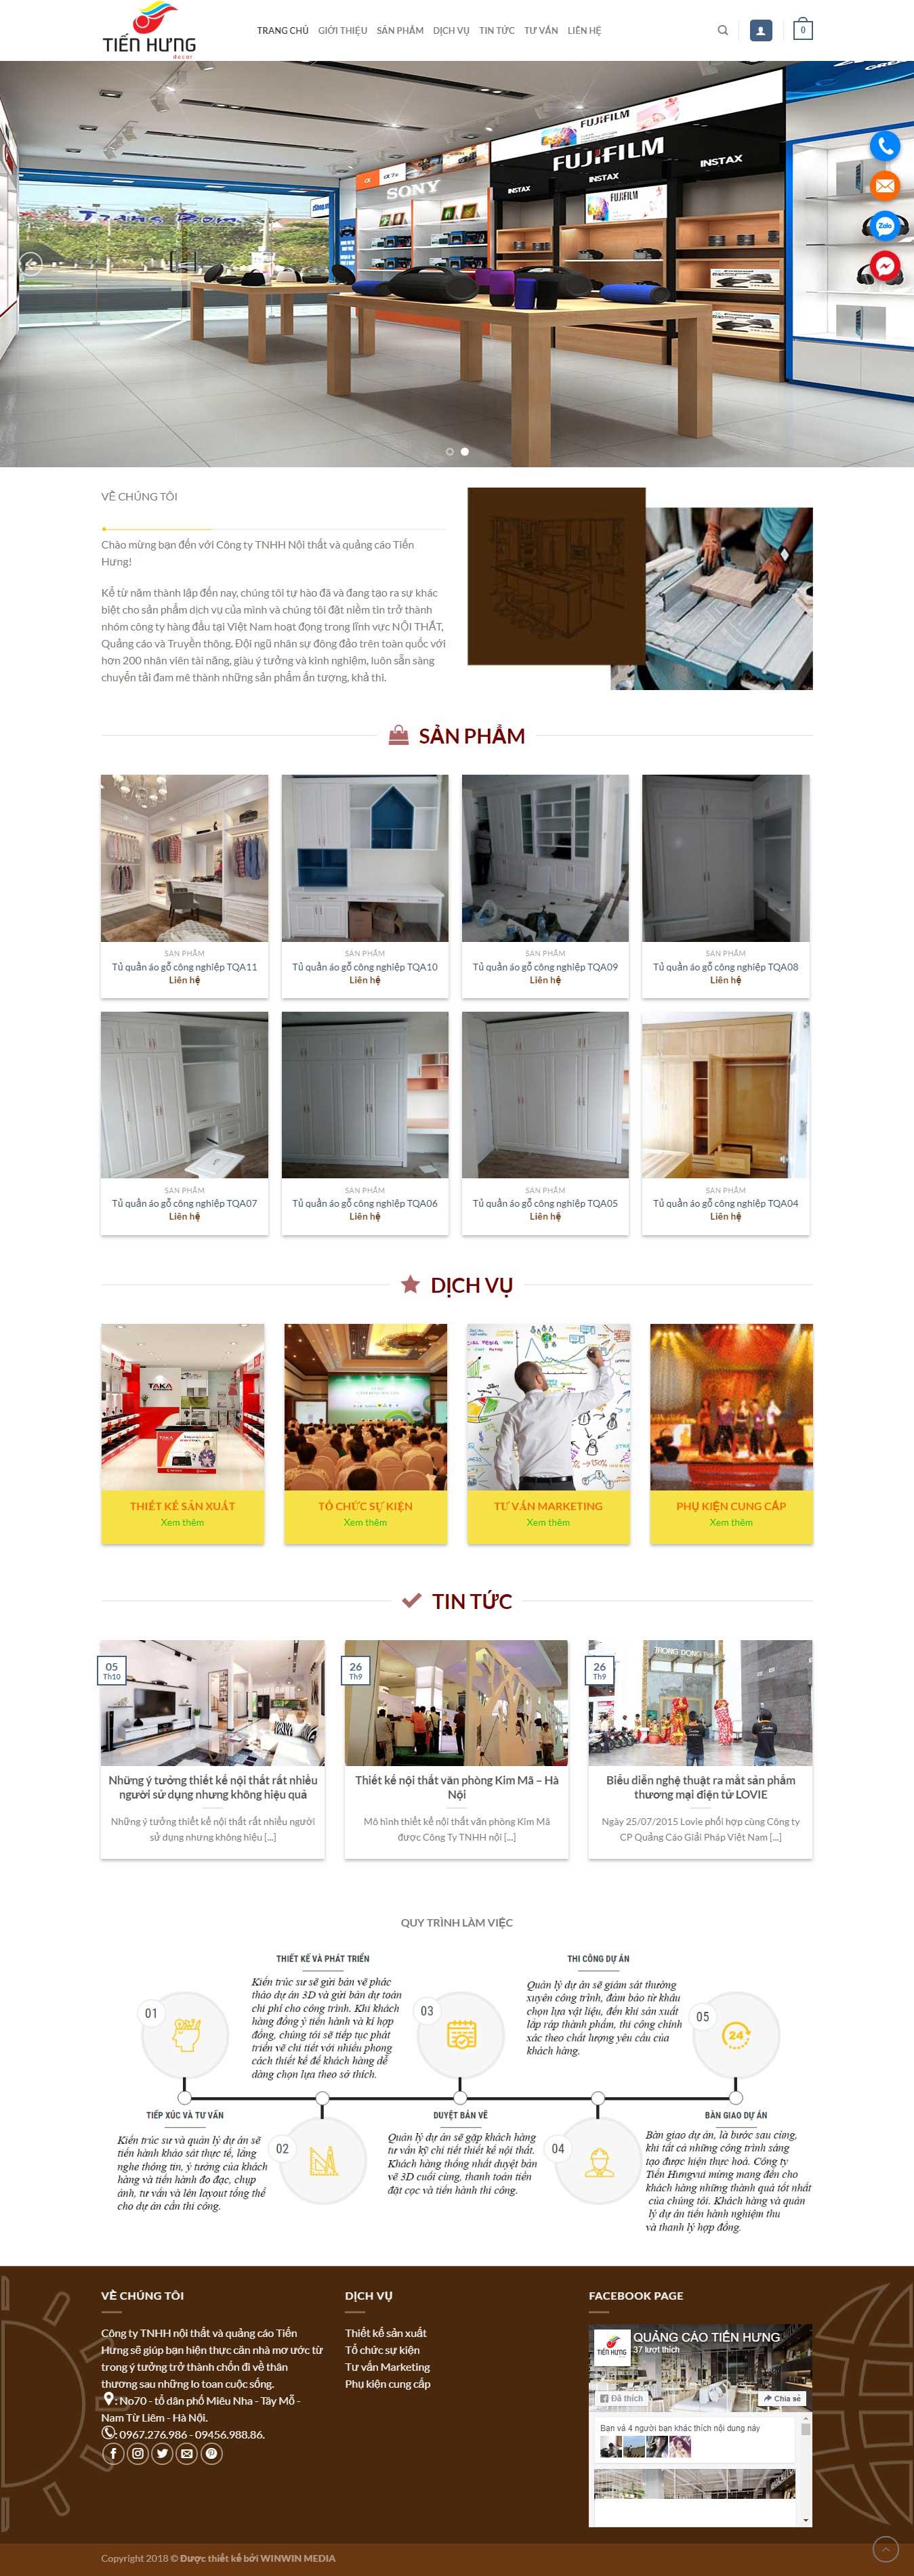 Thiết kế website Quảng Cáo Tiến Hưng tại Hà Nội